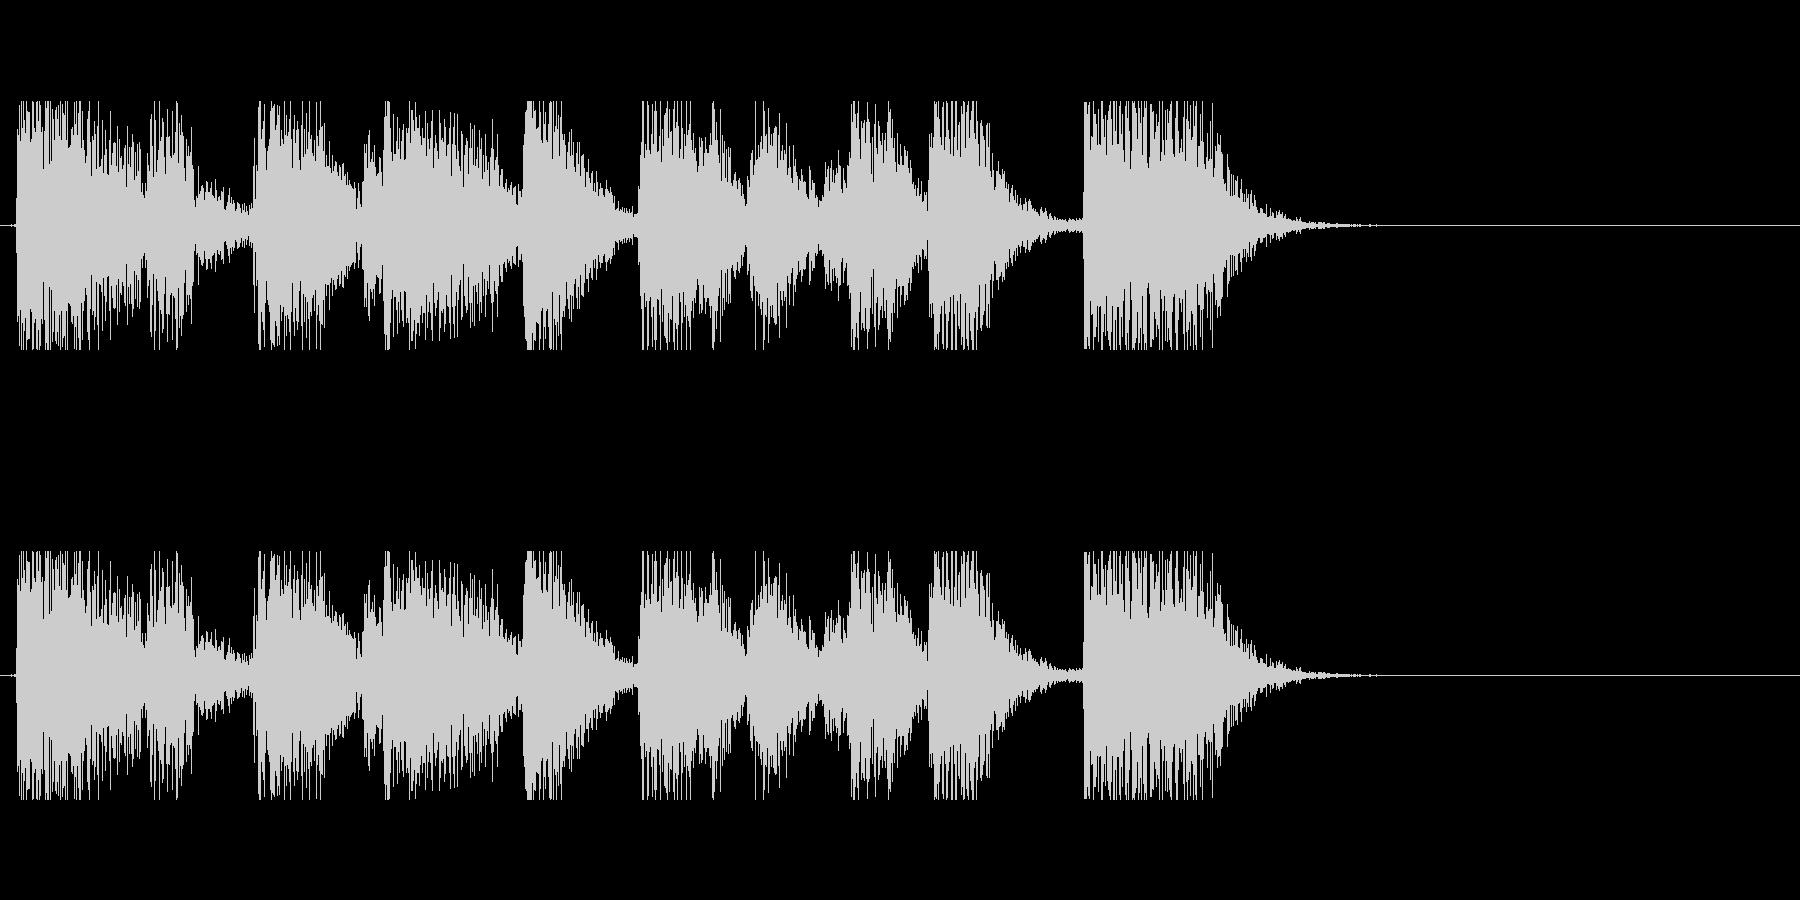 ファンキーなギターのアイキャッチの未再生の波形